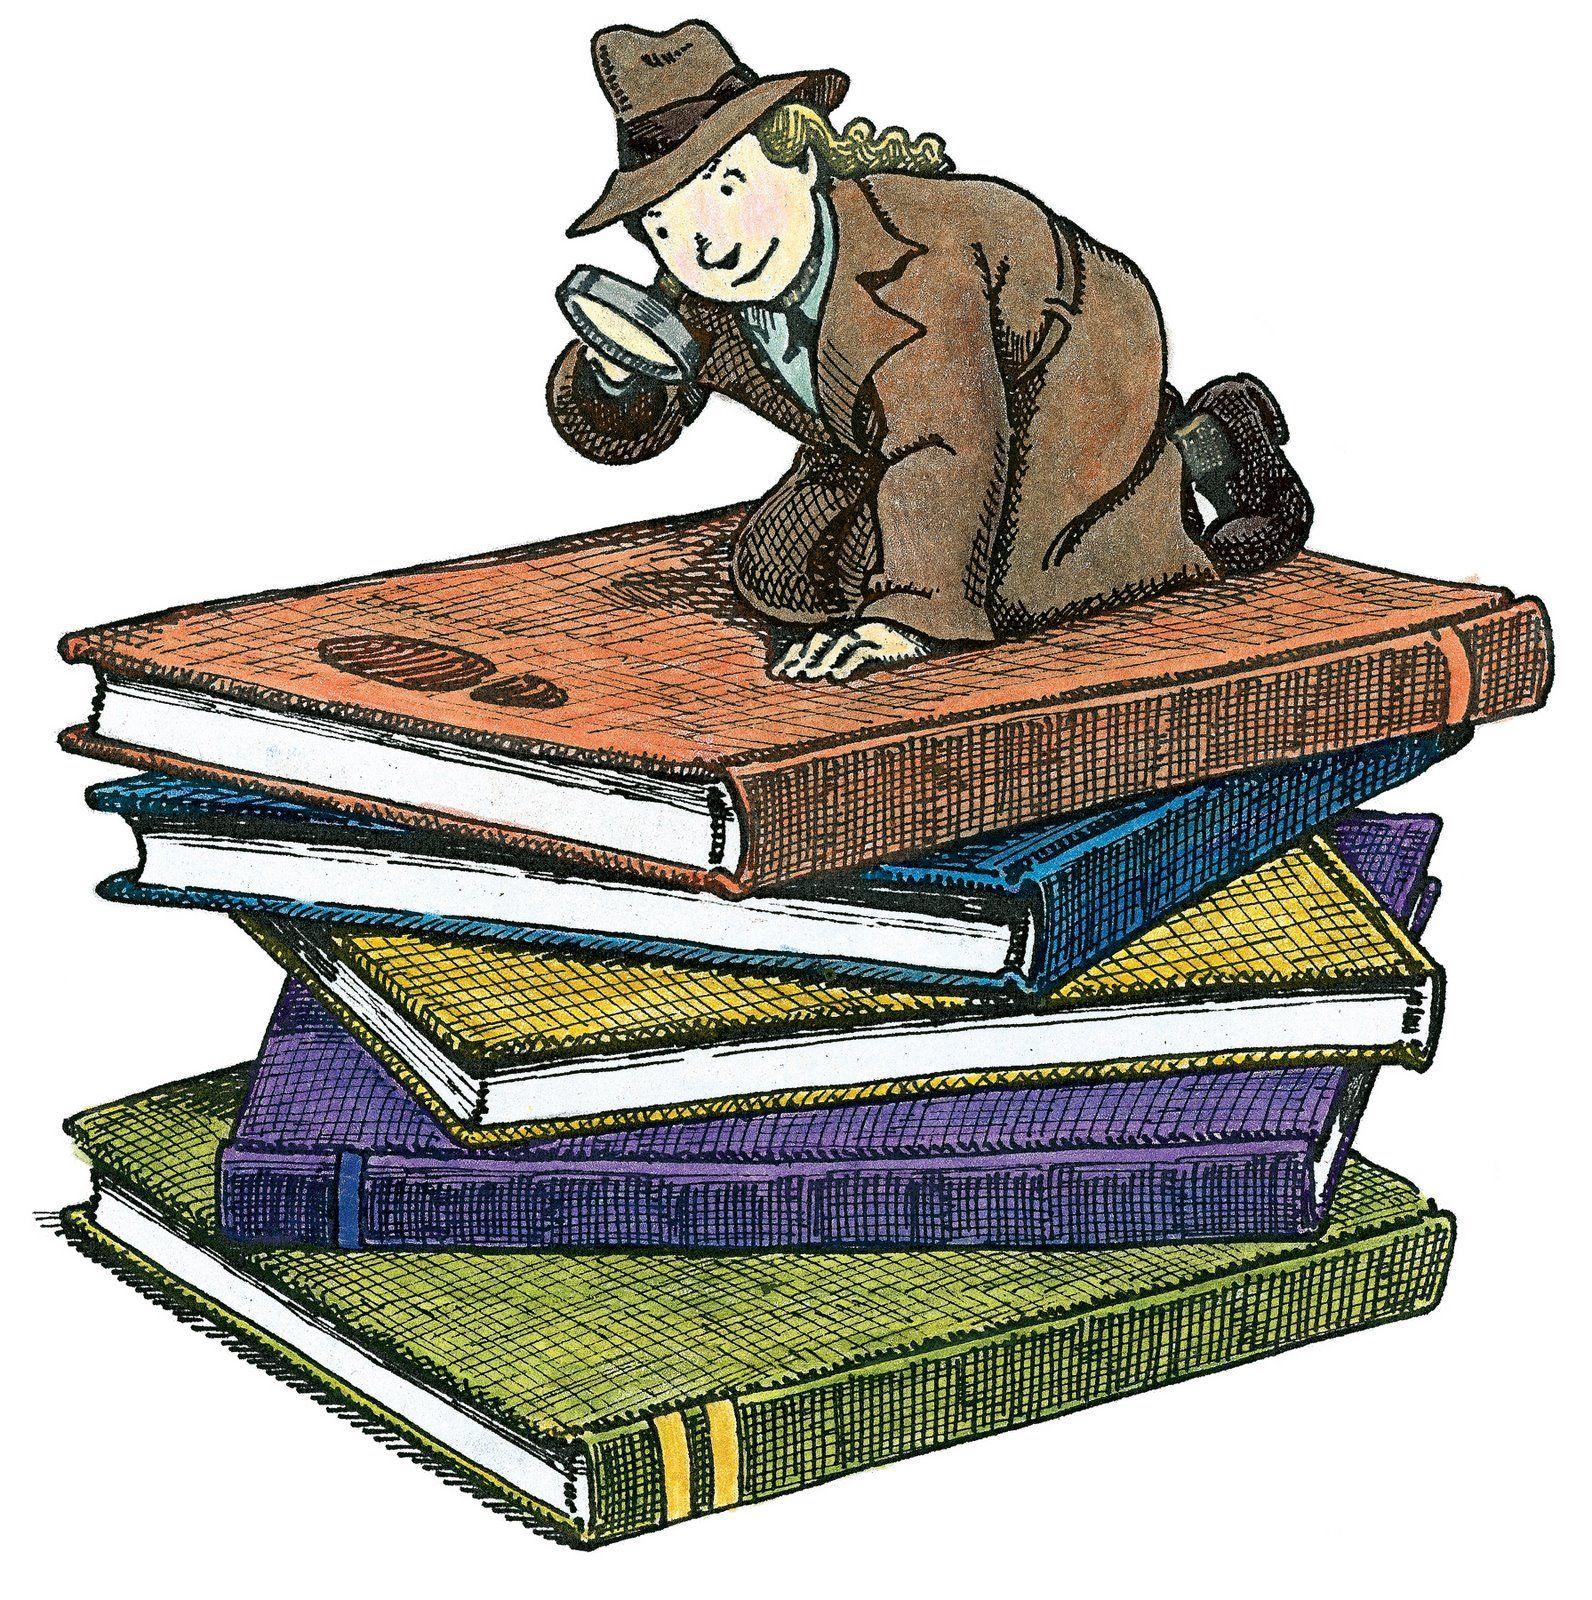 Bildergebnis für mystery books art